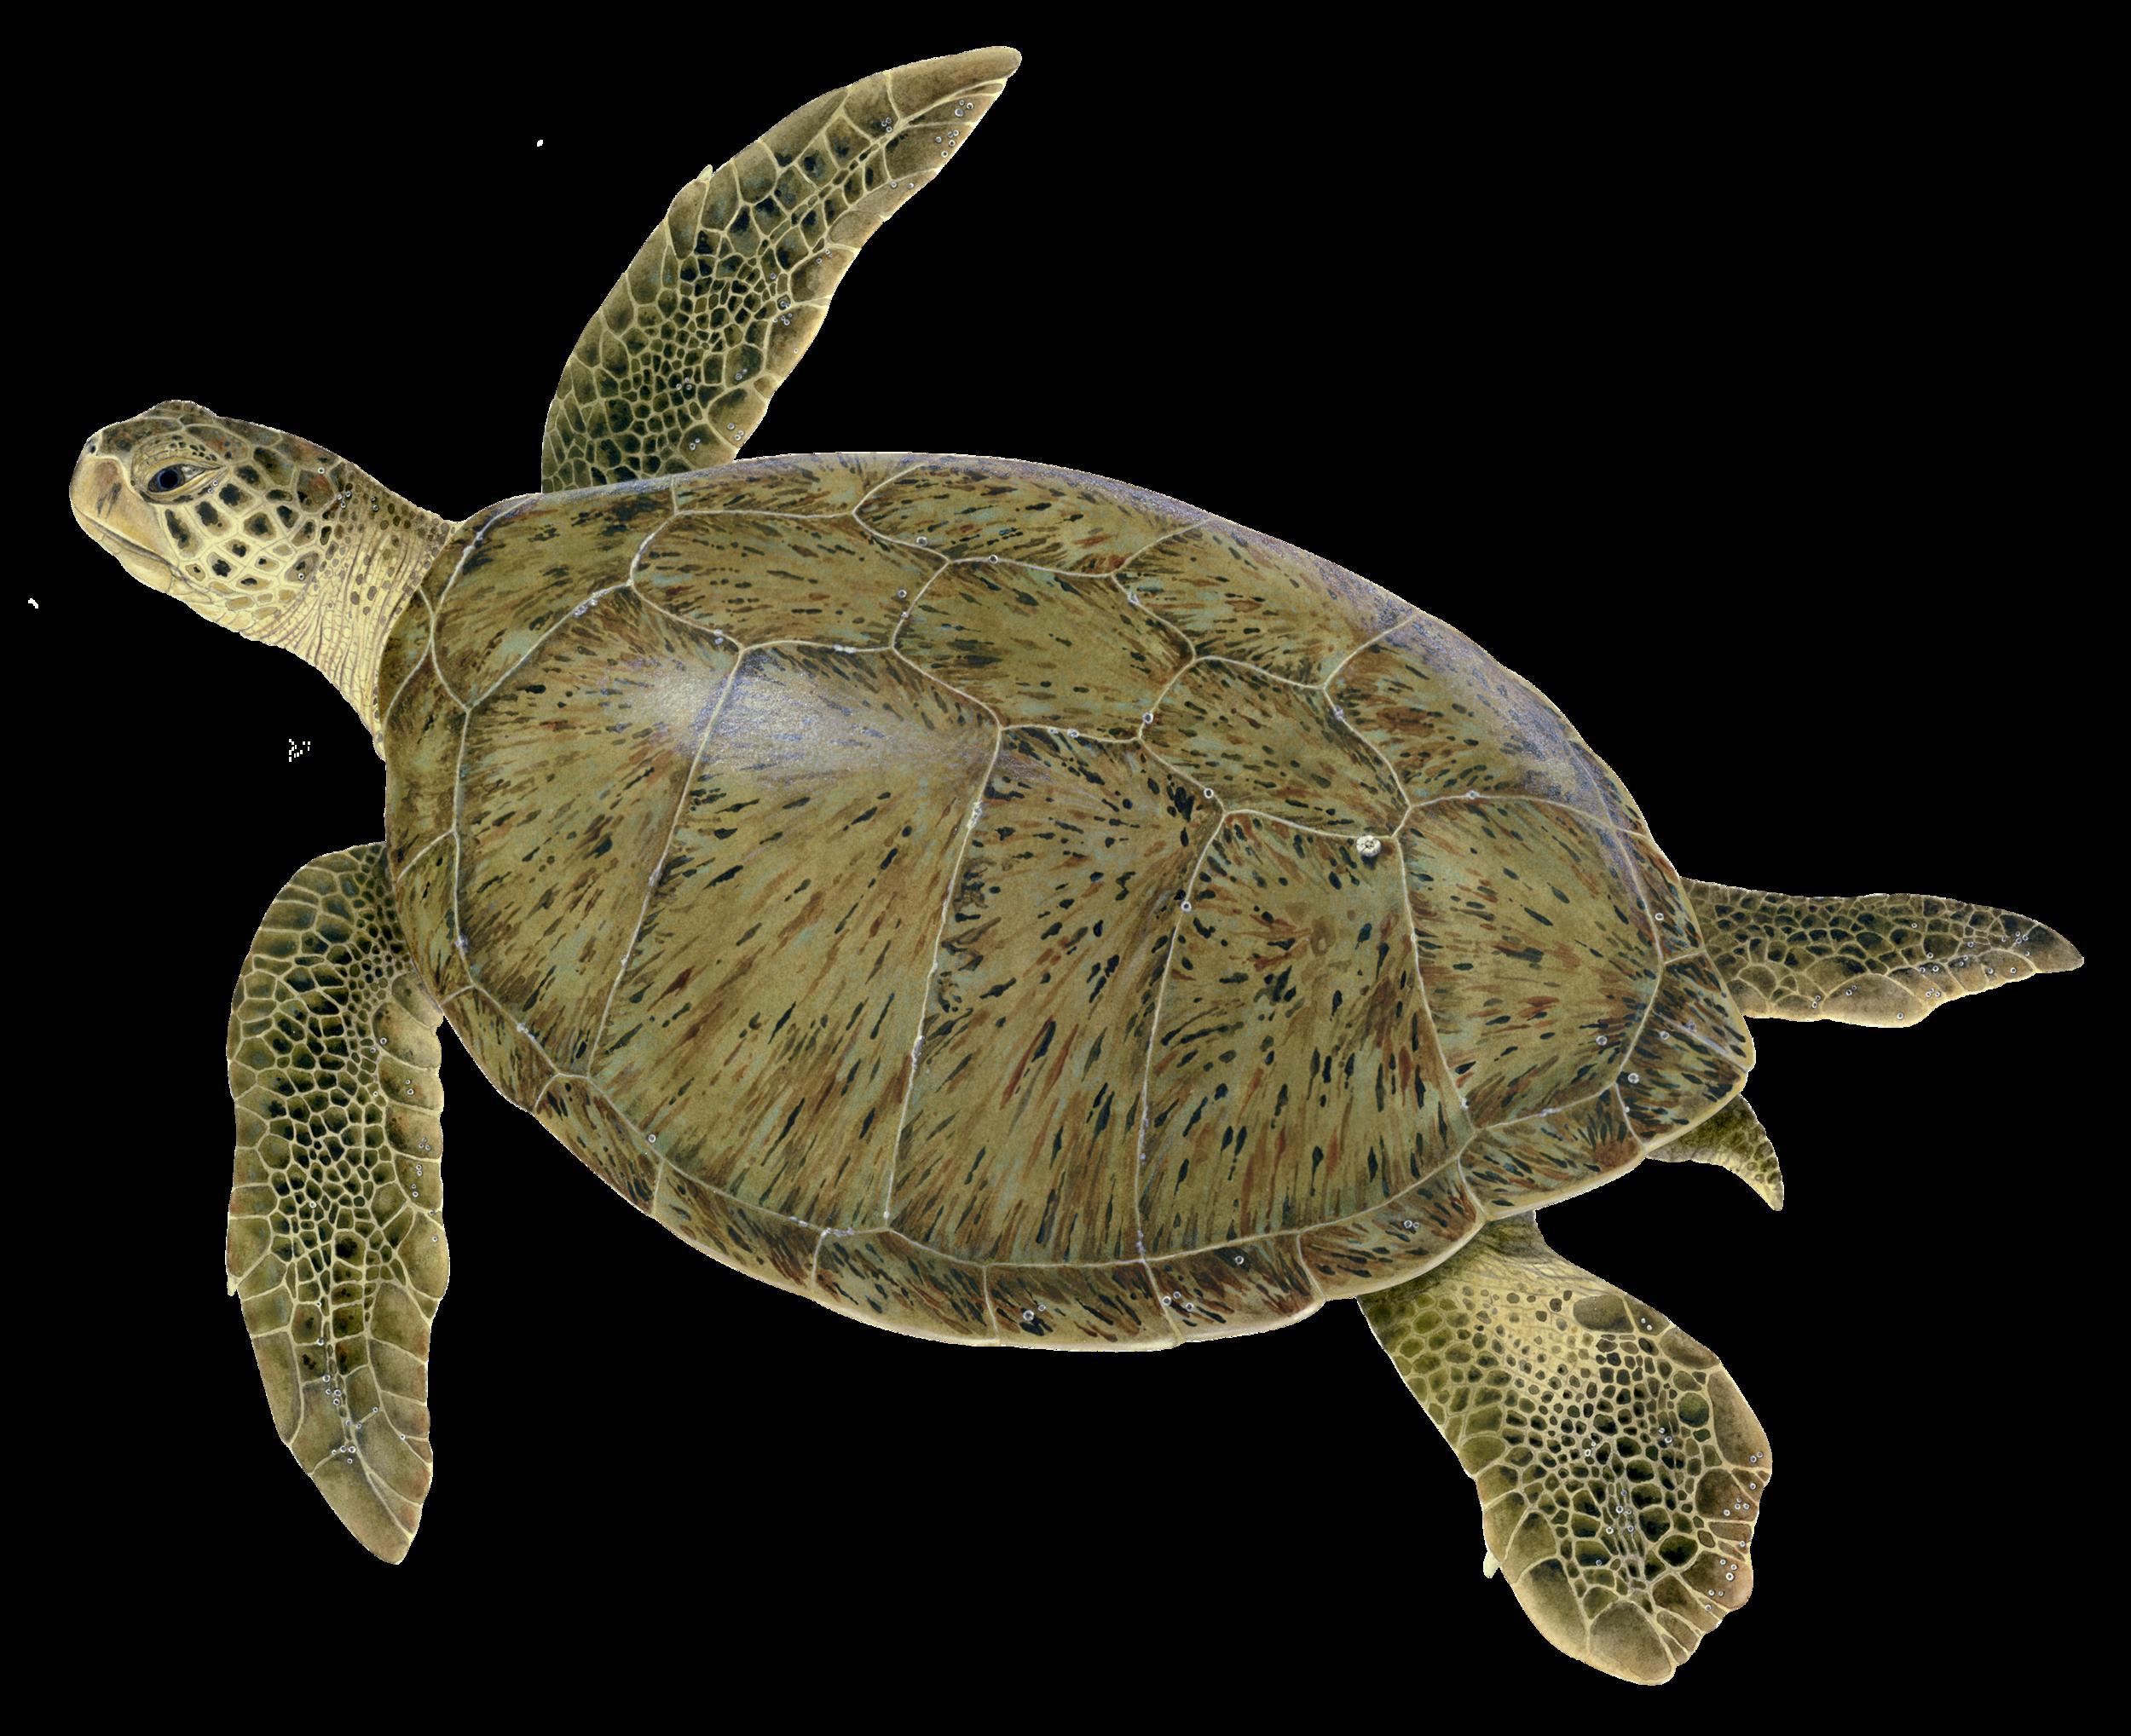 Adult Green Sea Turtle